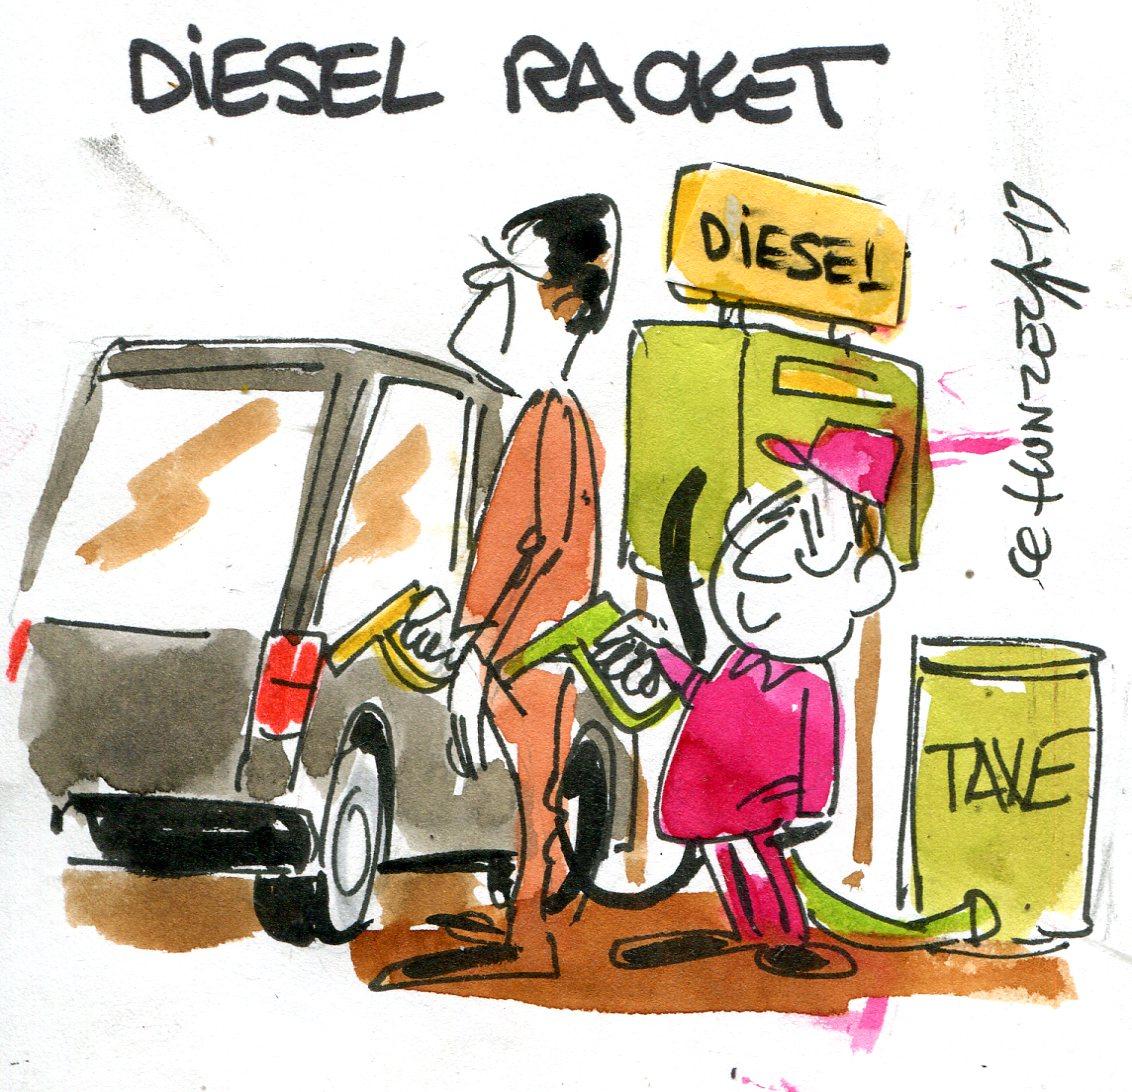 Le prix du diesel va bientôt augmenter